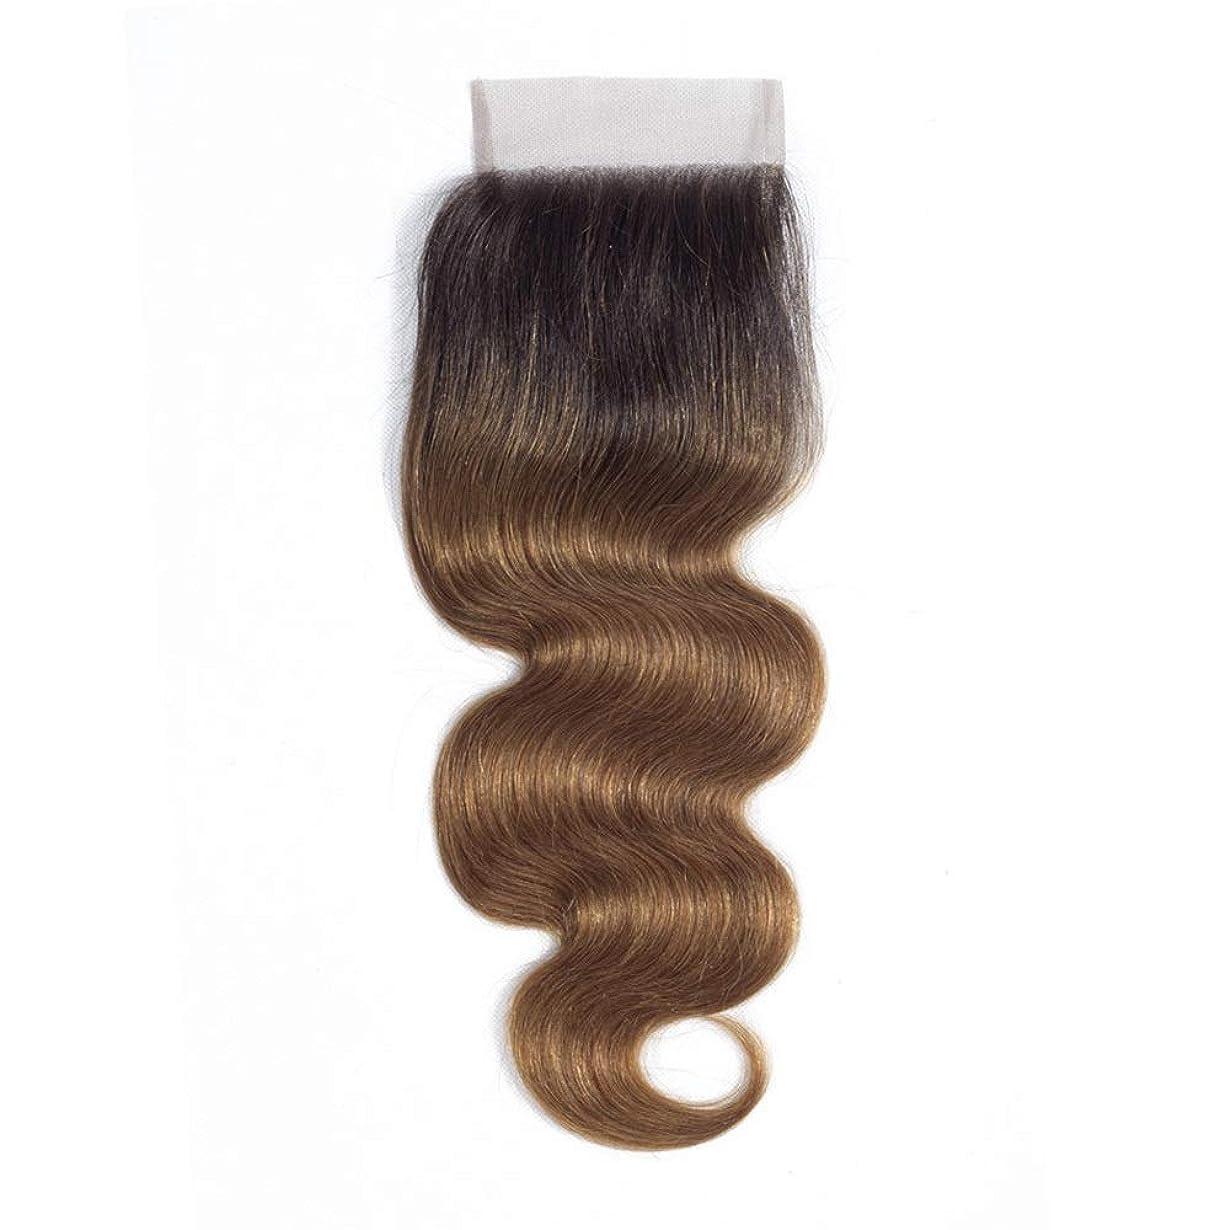 官僚かみそり不満BOBIDYEE ブラジル実体波人間の髪の毛4 x 4